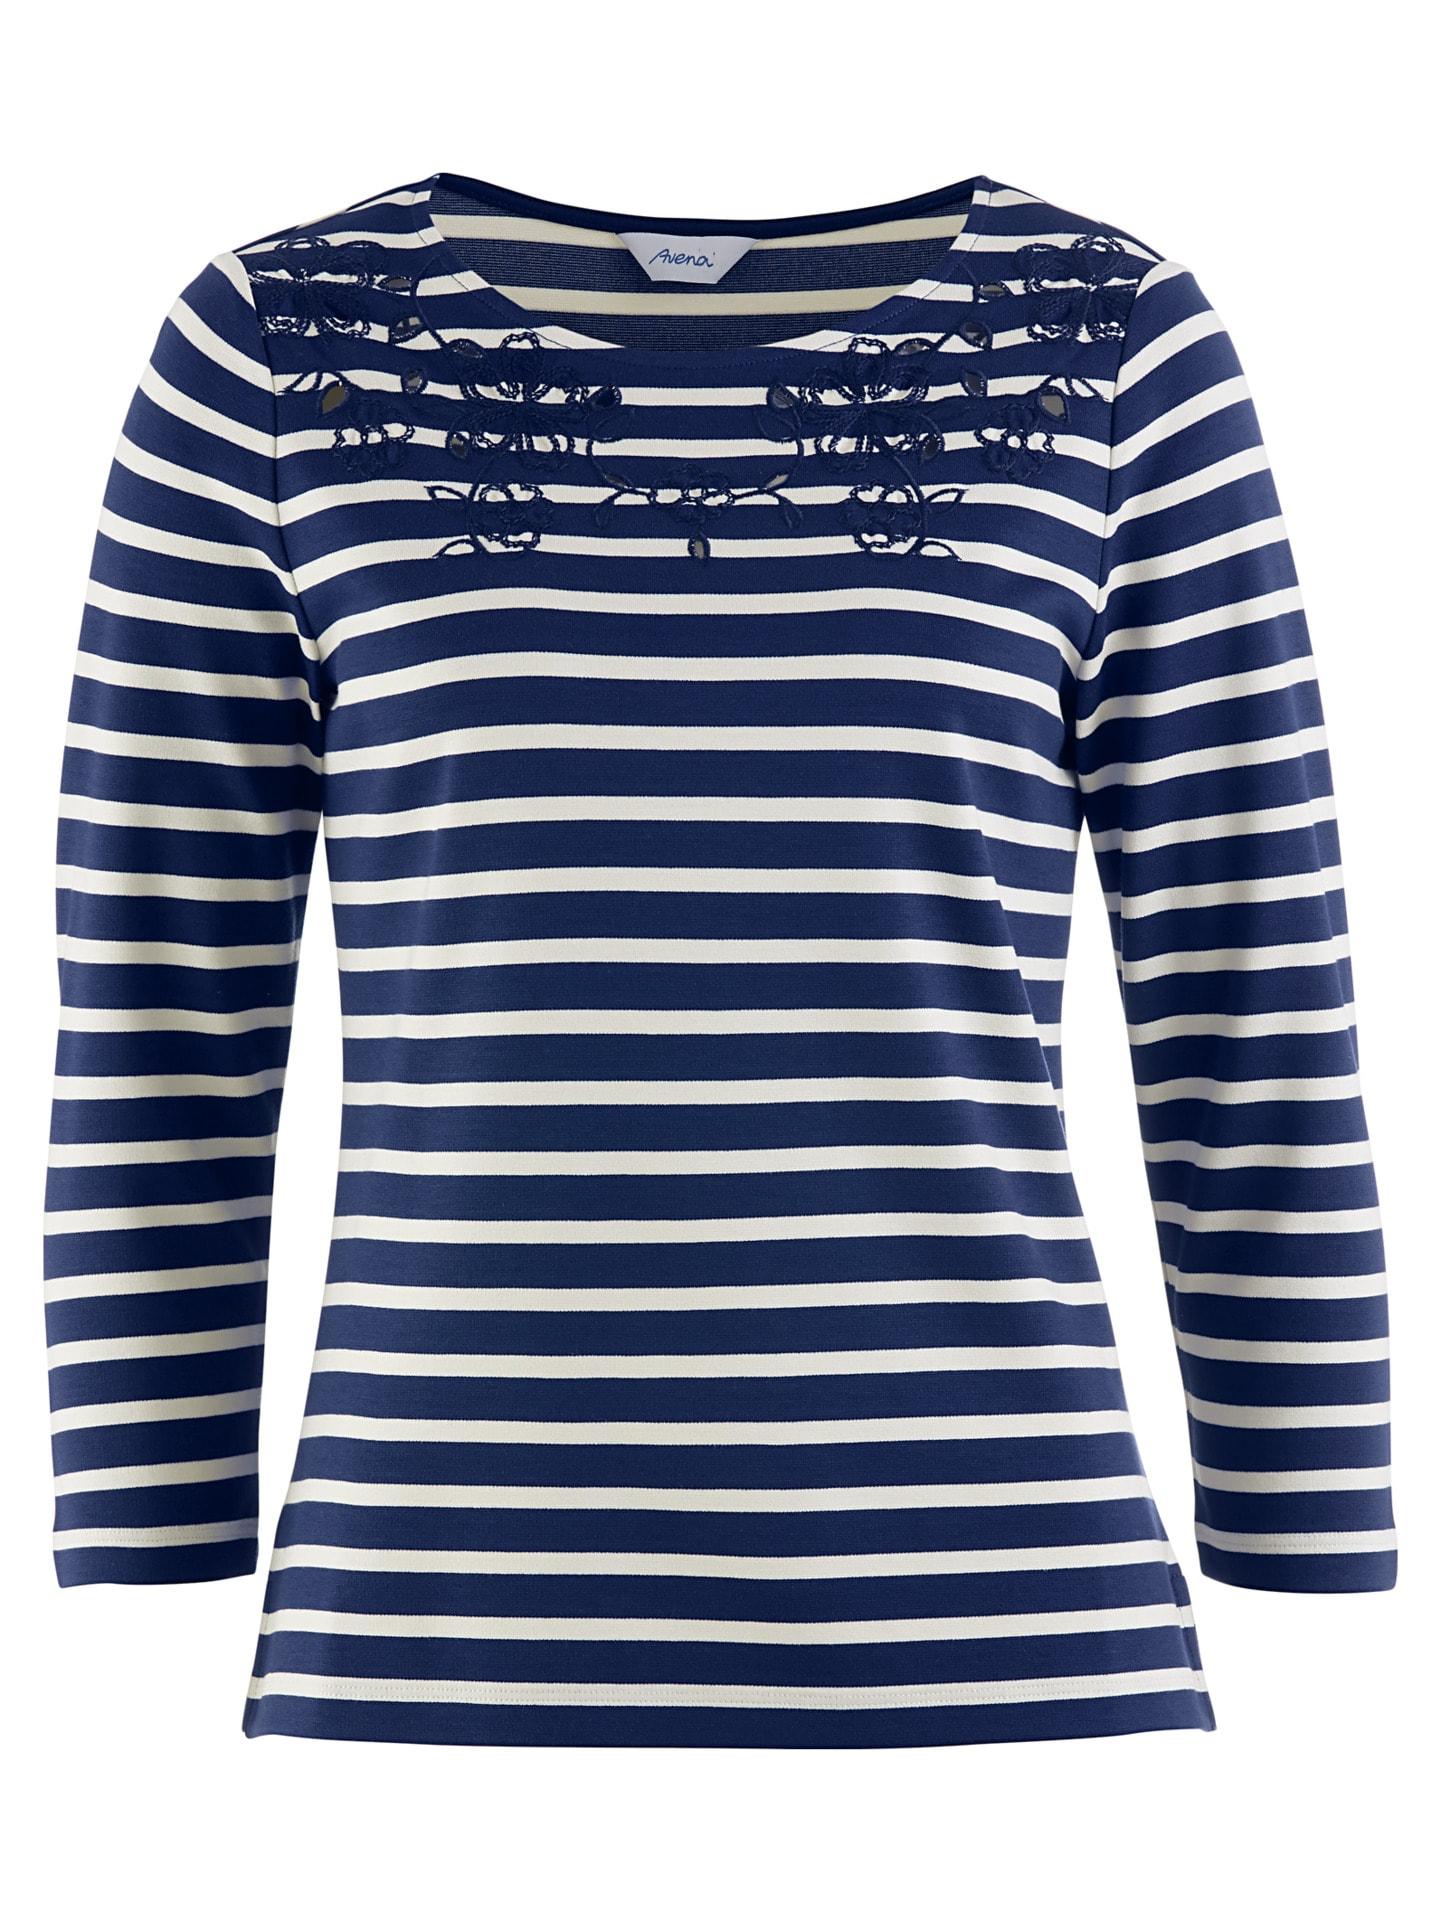 Avena Damen Shirt mit Blumen-Stickerei Blau 43-6701-5